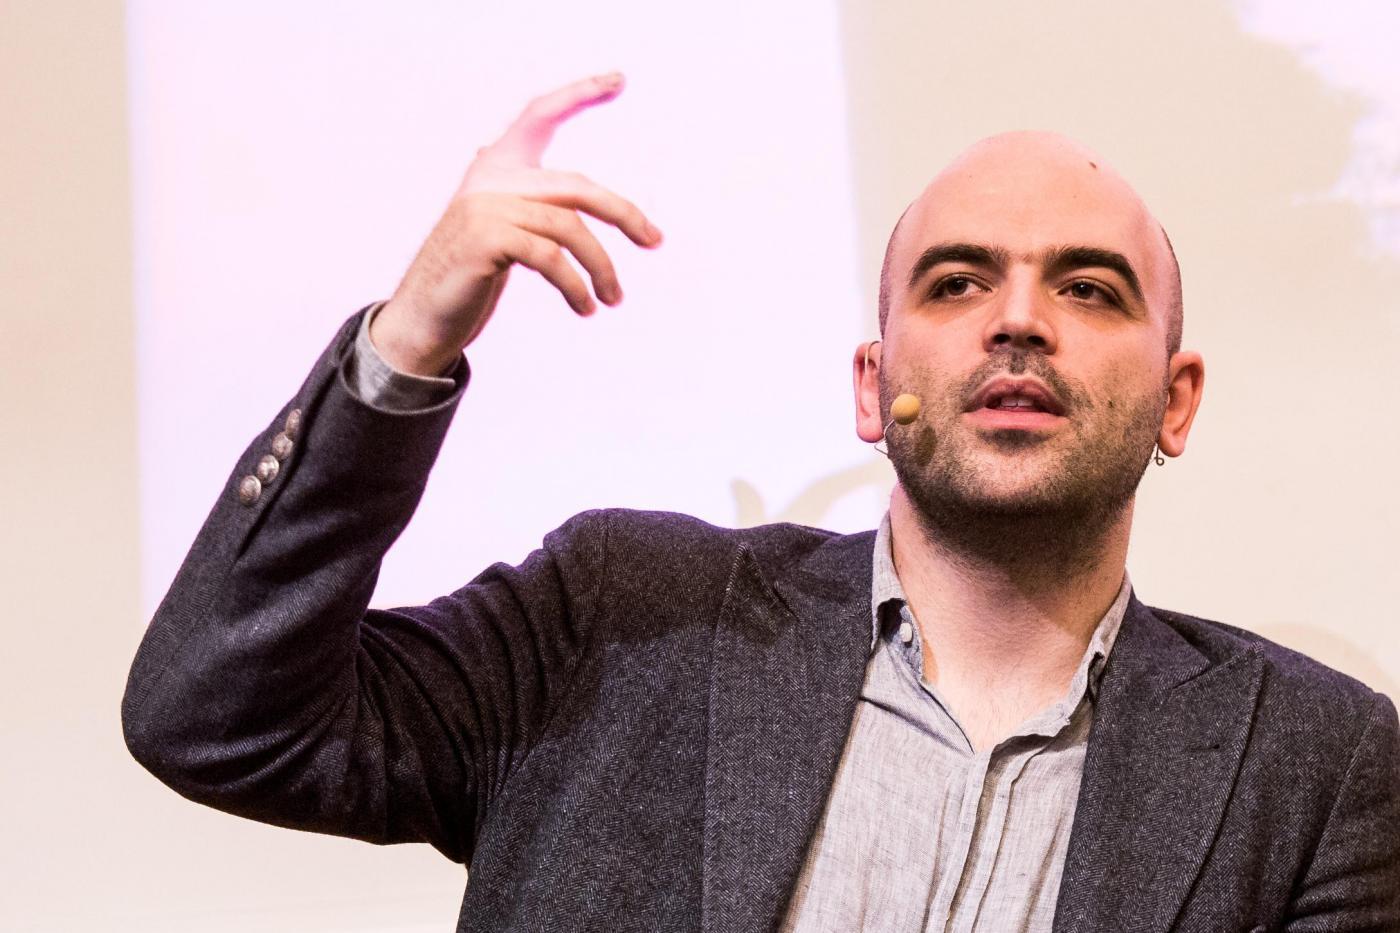 Roberto Saviano a Che Tempo Che Fa: 'Oggi non riscriverei più Gomorra'